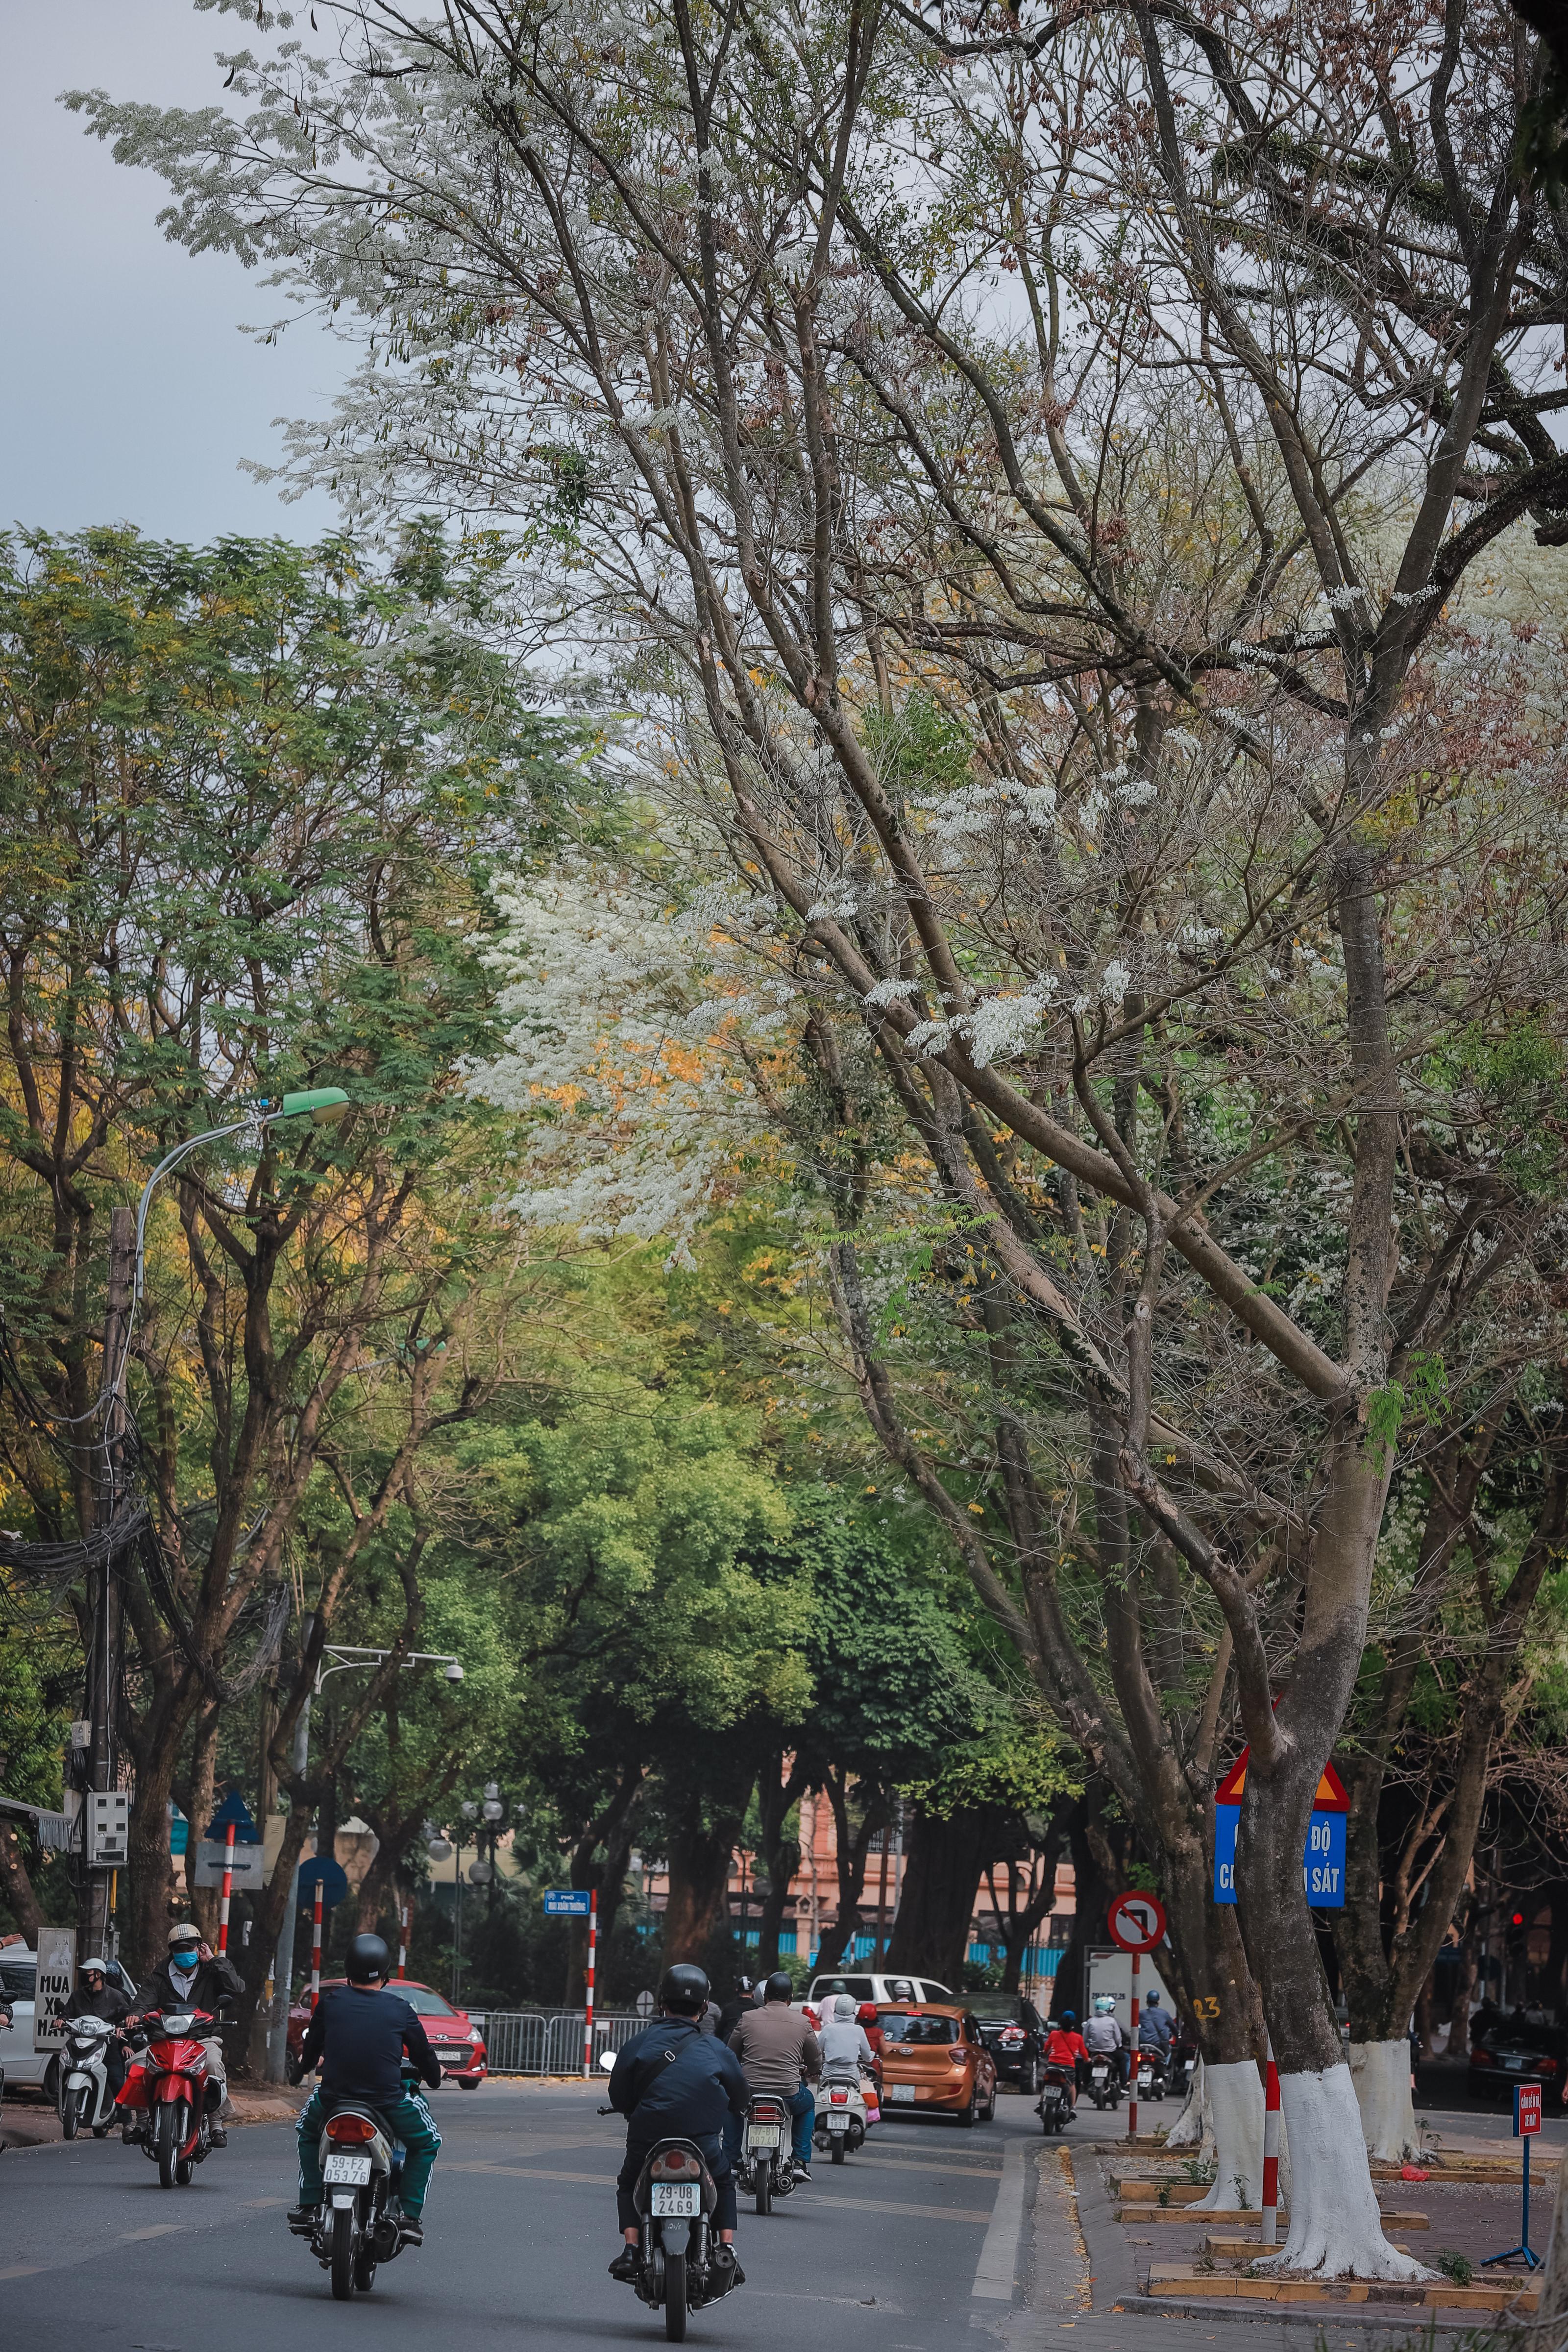 Sưa là một loại cây thân gỗ, là cây ưa sáng, cao, to, tán rộng nên được trồng nhiều ở Thủ đô để làm cảnh quan và lấy bóng mát. Ảnh: Phạm Anh.